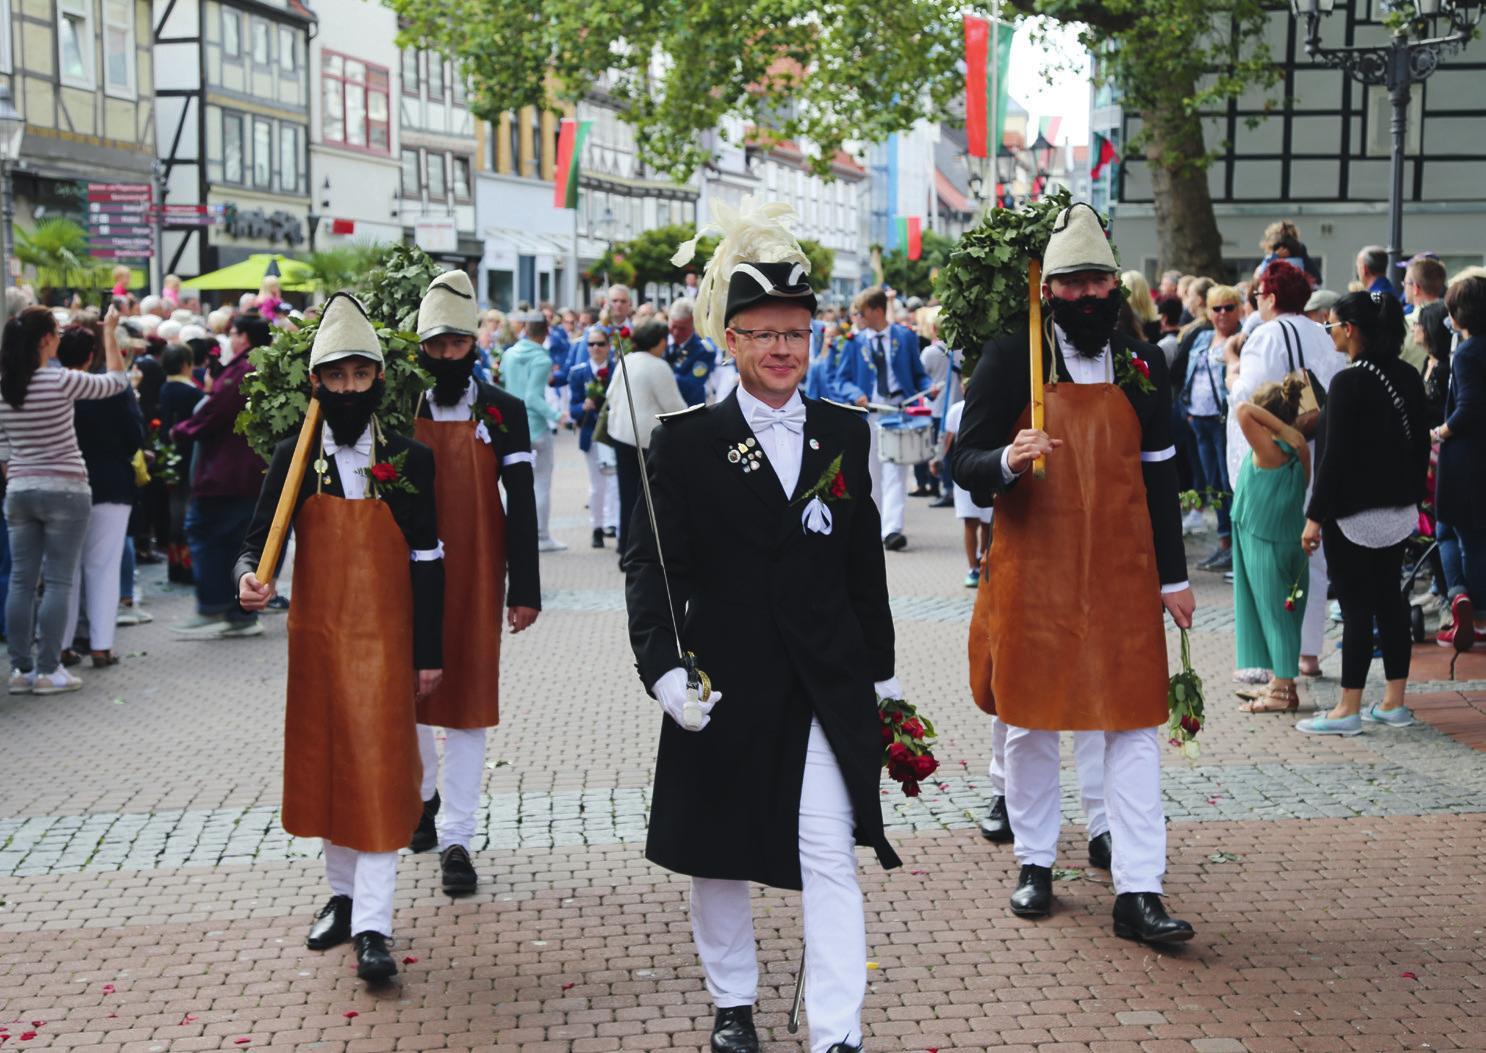 Freischiessen Fotoheft - Juli 2019 - II. Image 3